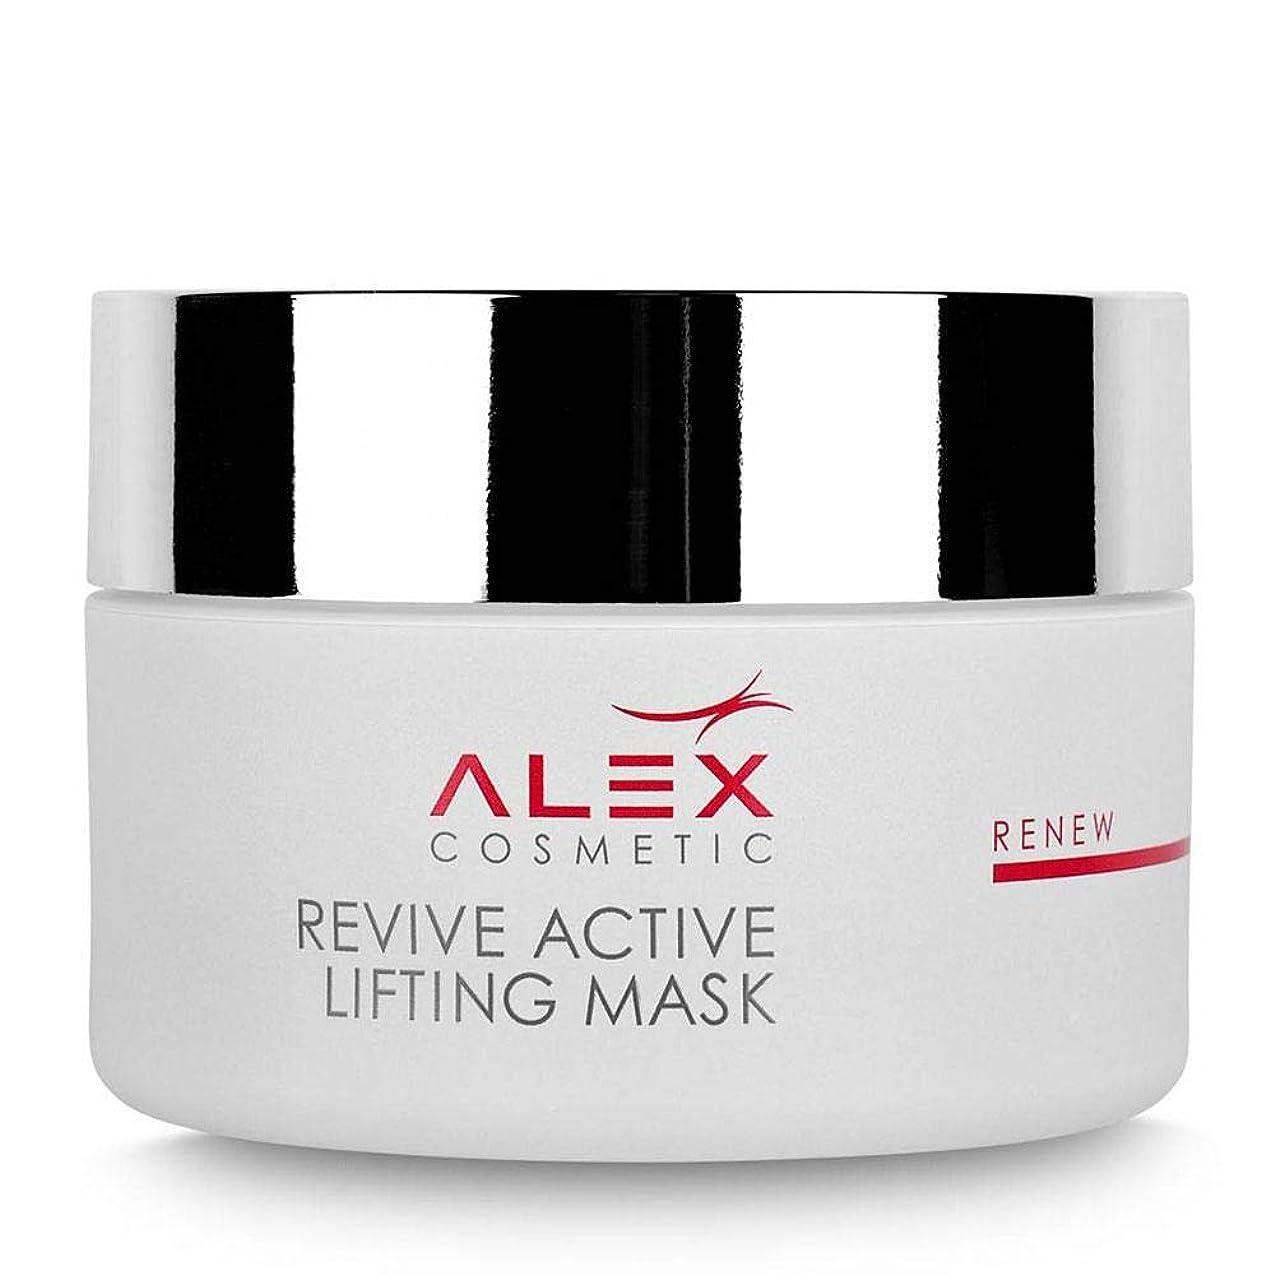 批評ヘクタールチケットAlex アレックス コスメ vive Active Lifting Mask リバイブ アクティブ リフティング マスク 50ml【並行輸入品】